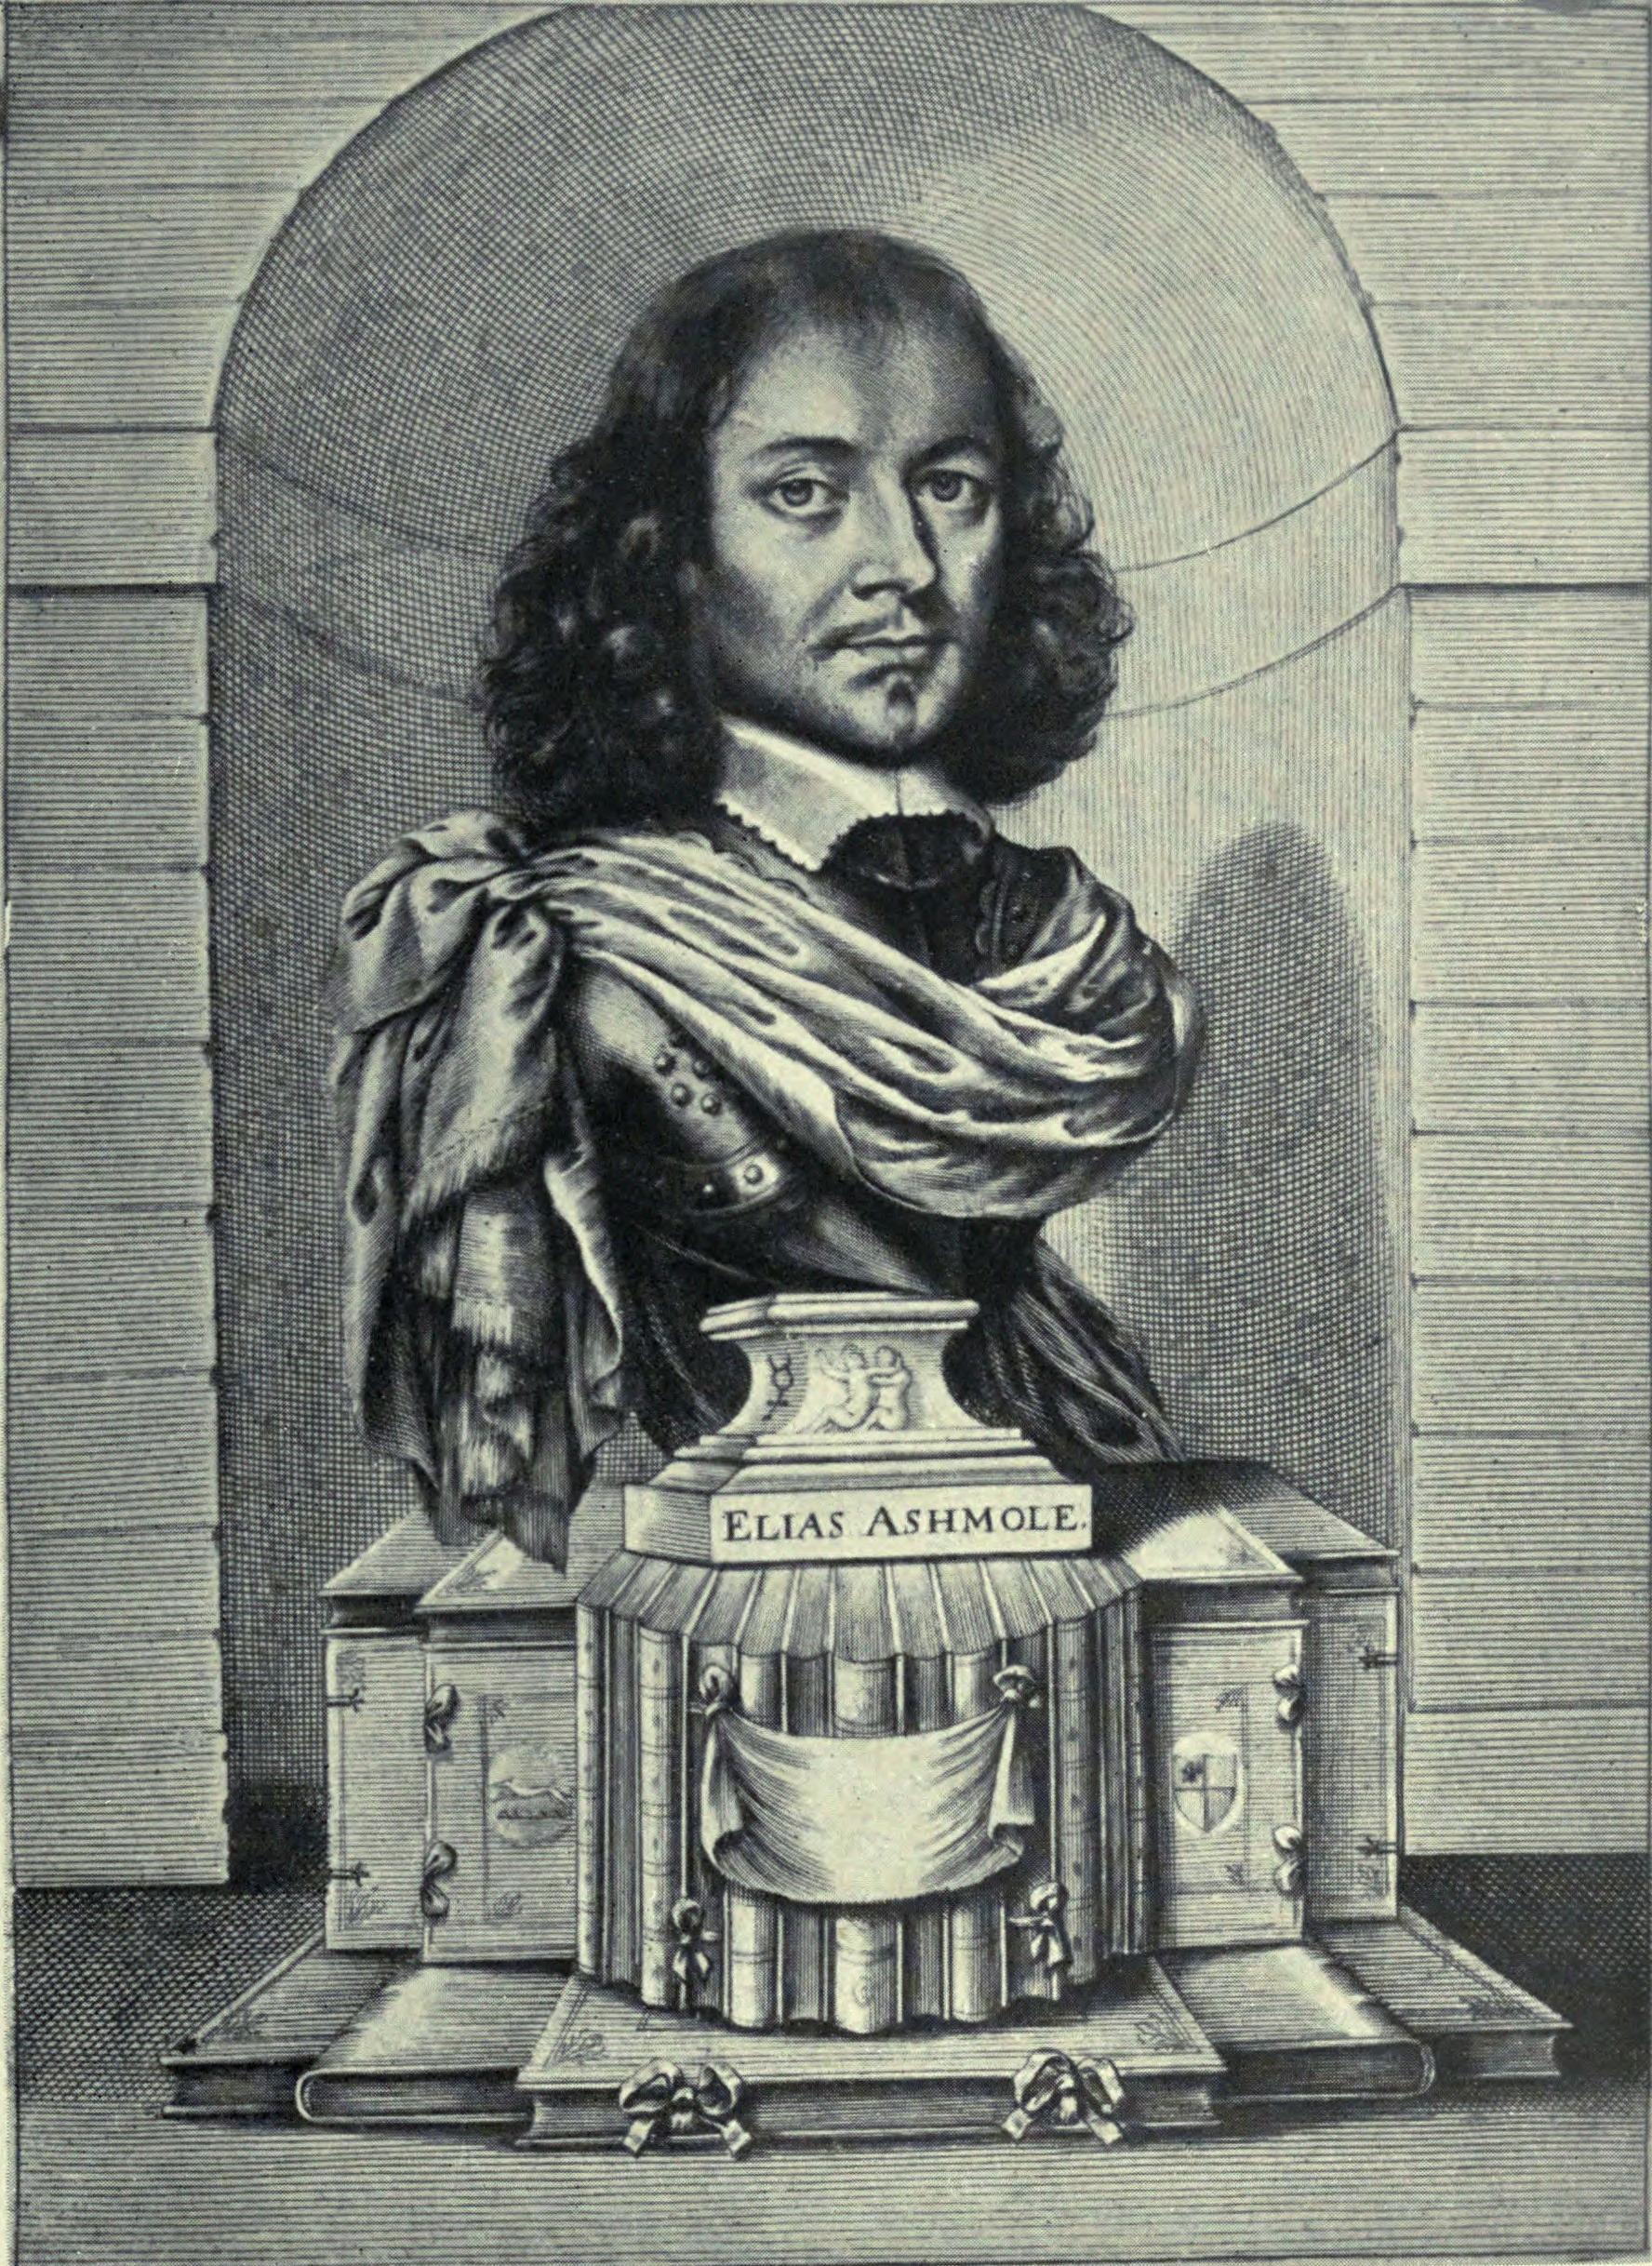 Elias Ashmole, compiler of the Theatrum Chemicum Britannicum